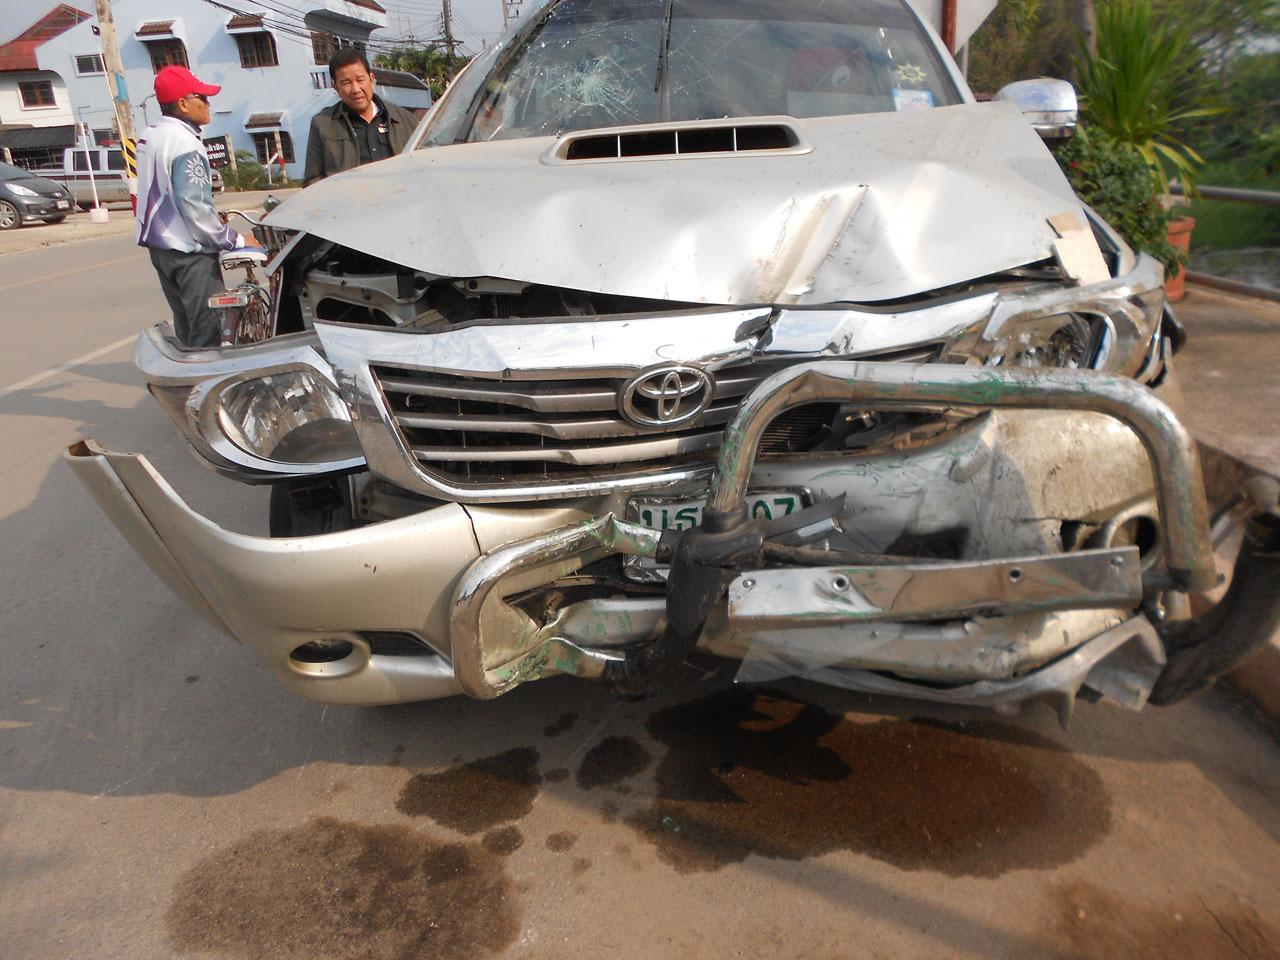 สภาพรถกระบะ ของลูกชายอดีตผู้ใหญ่บ้านเปื๋อยเปียง ชนเสาไฟฟ้าจนเสียชีวิต ตร.คาดหลับใน